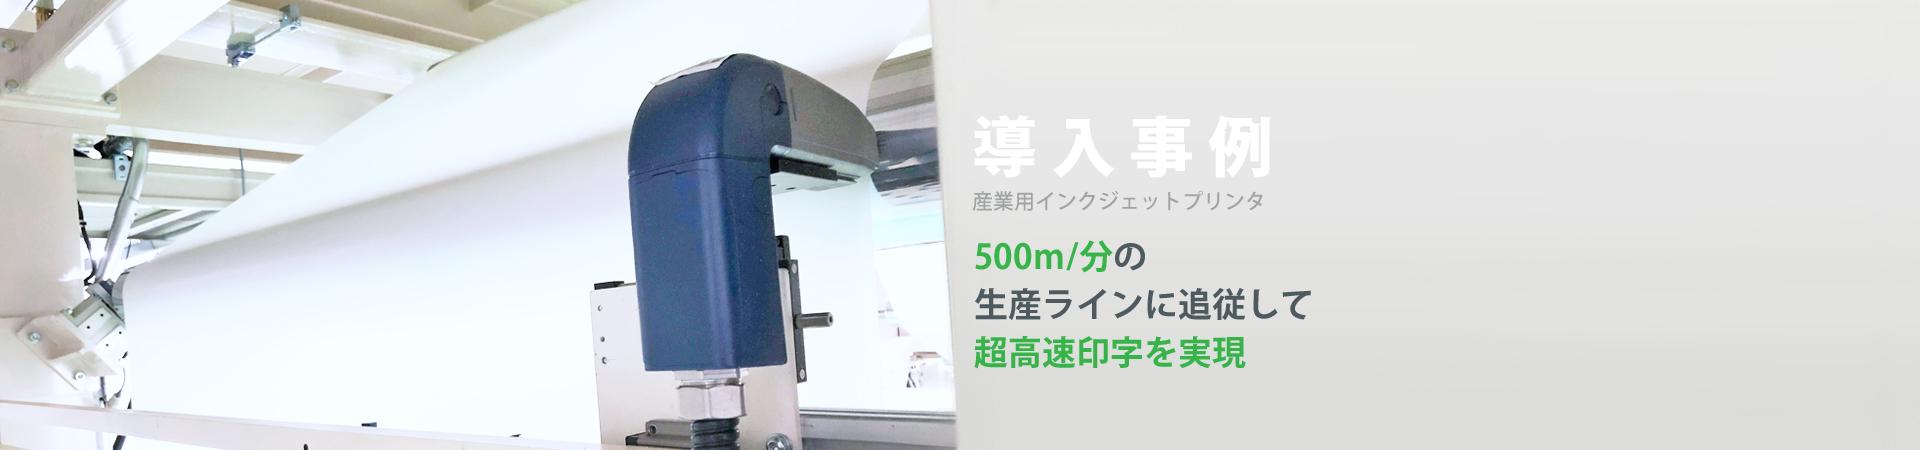 導入事例 500m/分高速印字